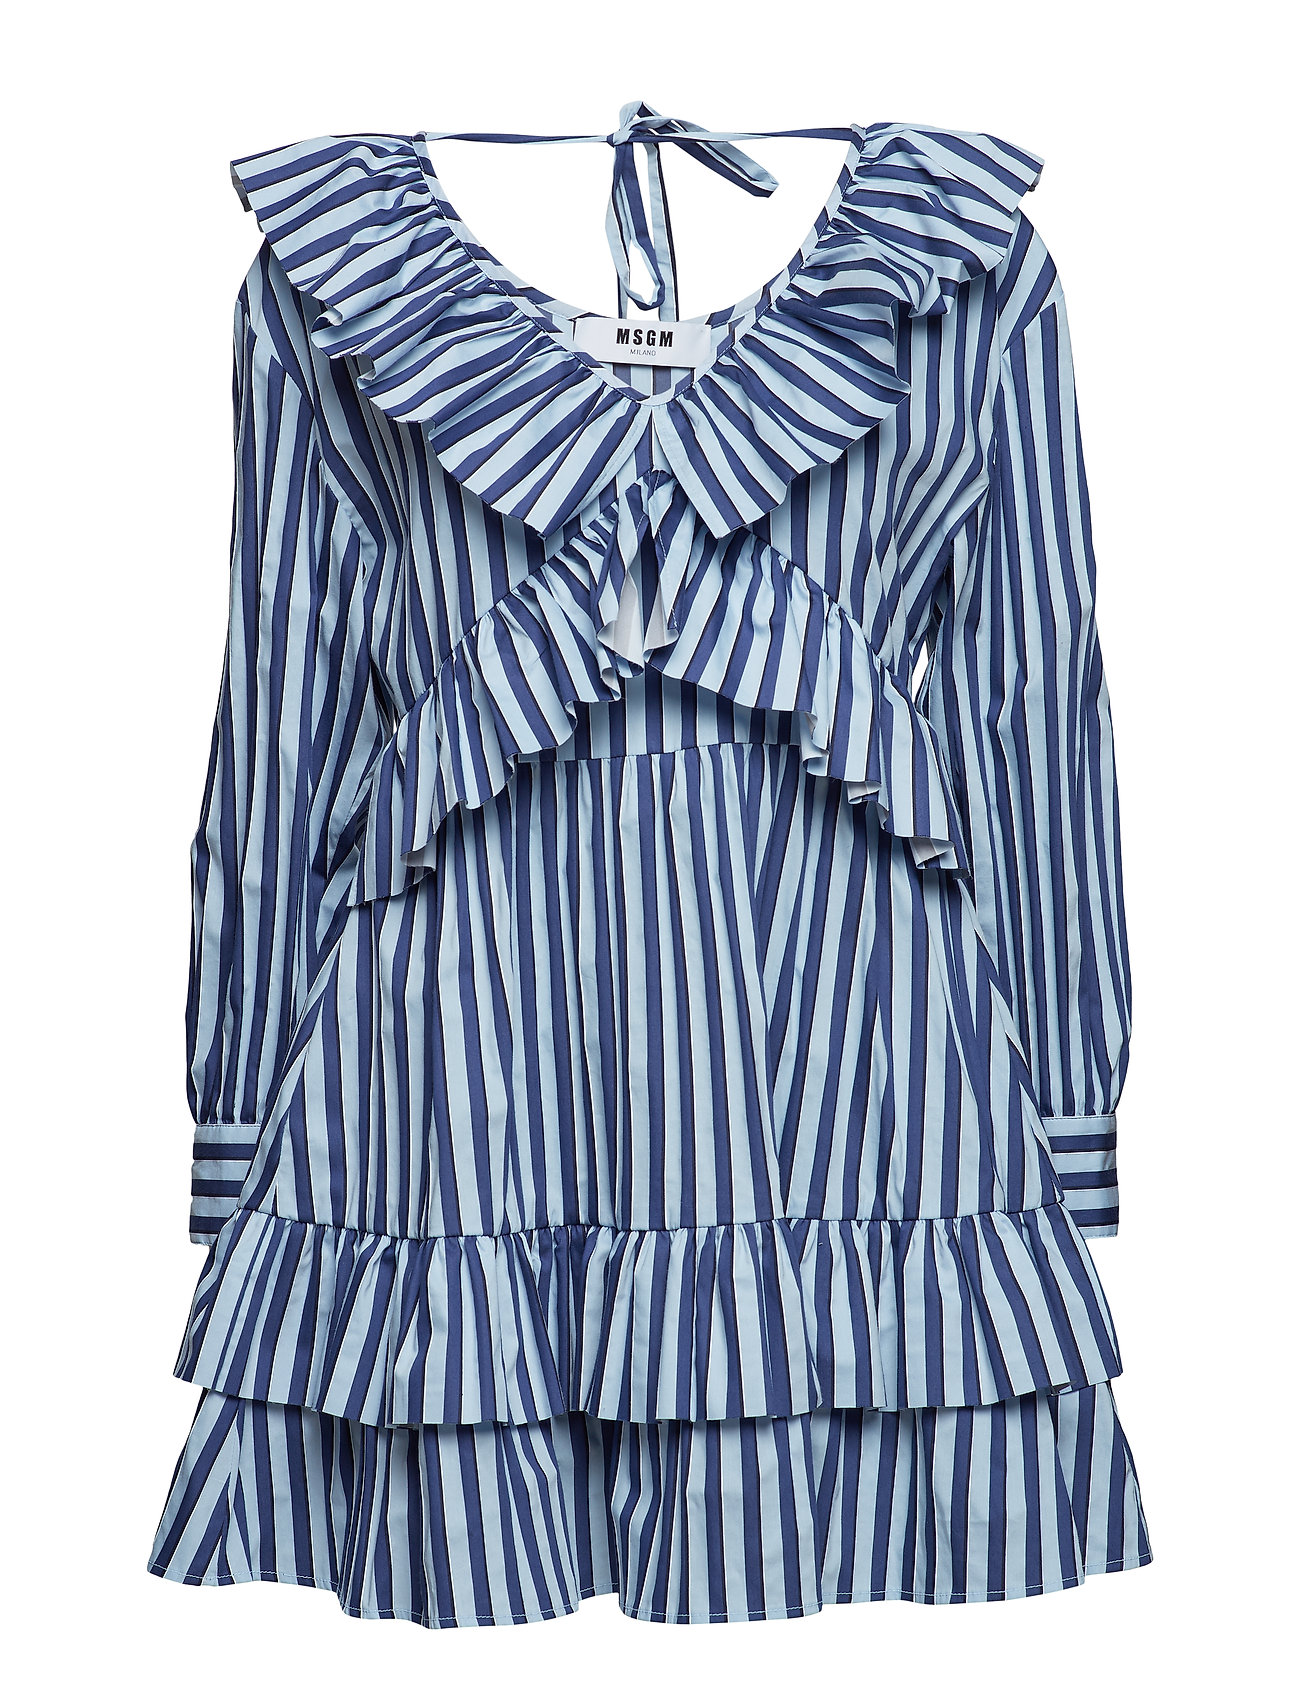 MSGM DRESS - BLUE